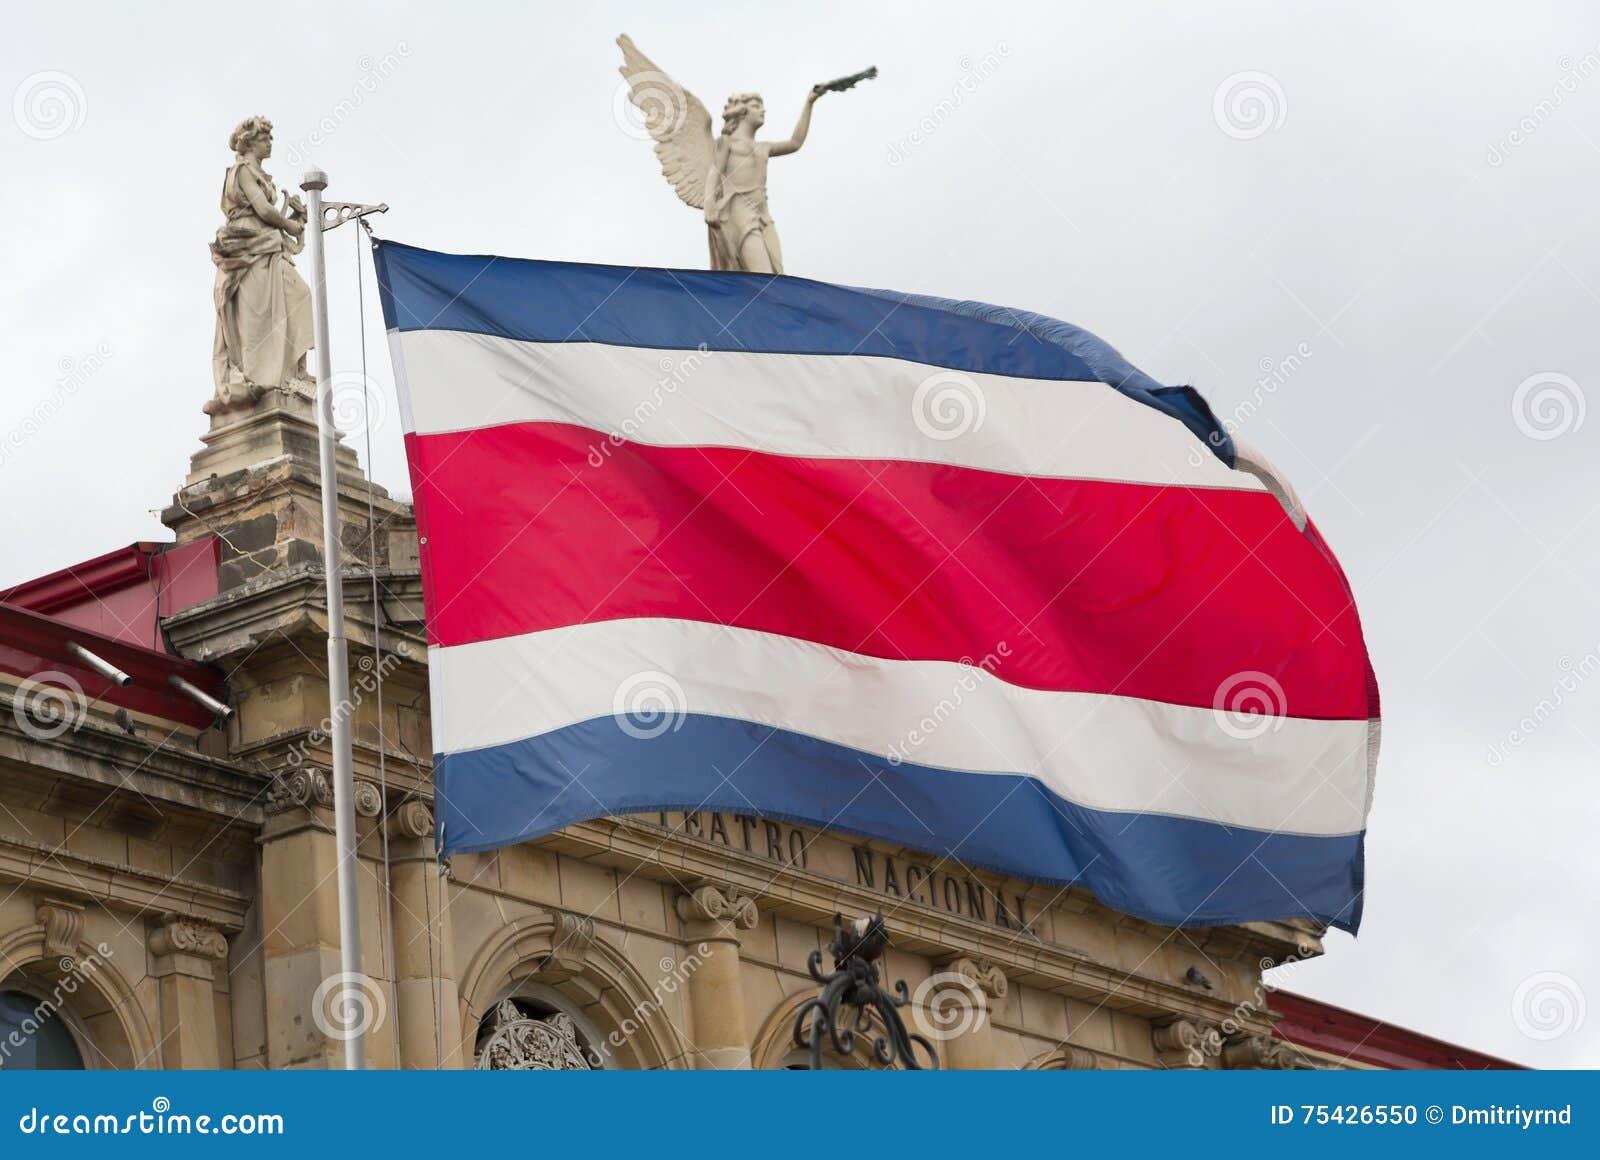 Από την Κόστα Ρίκα σημαία και εθνικό θέατρο